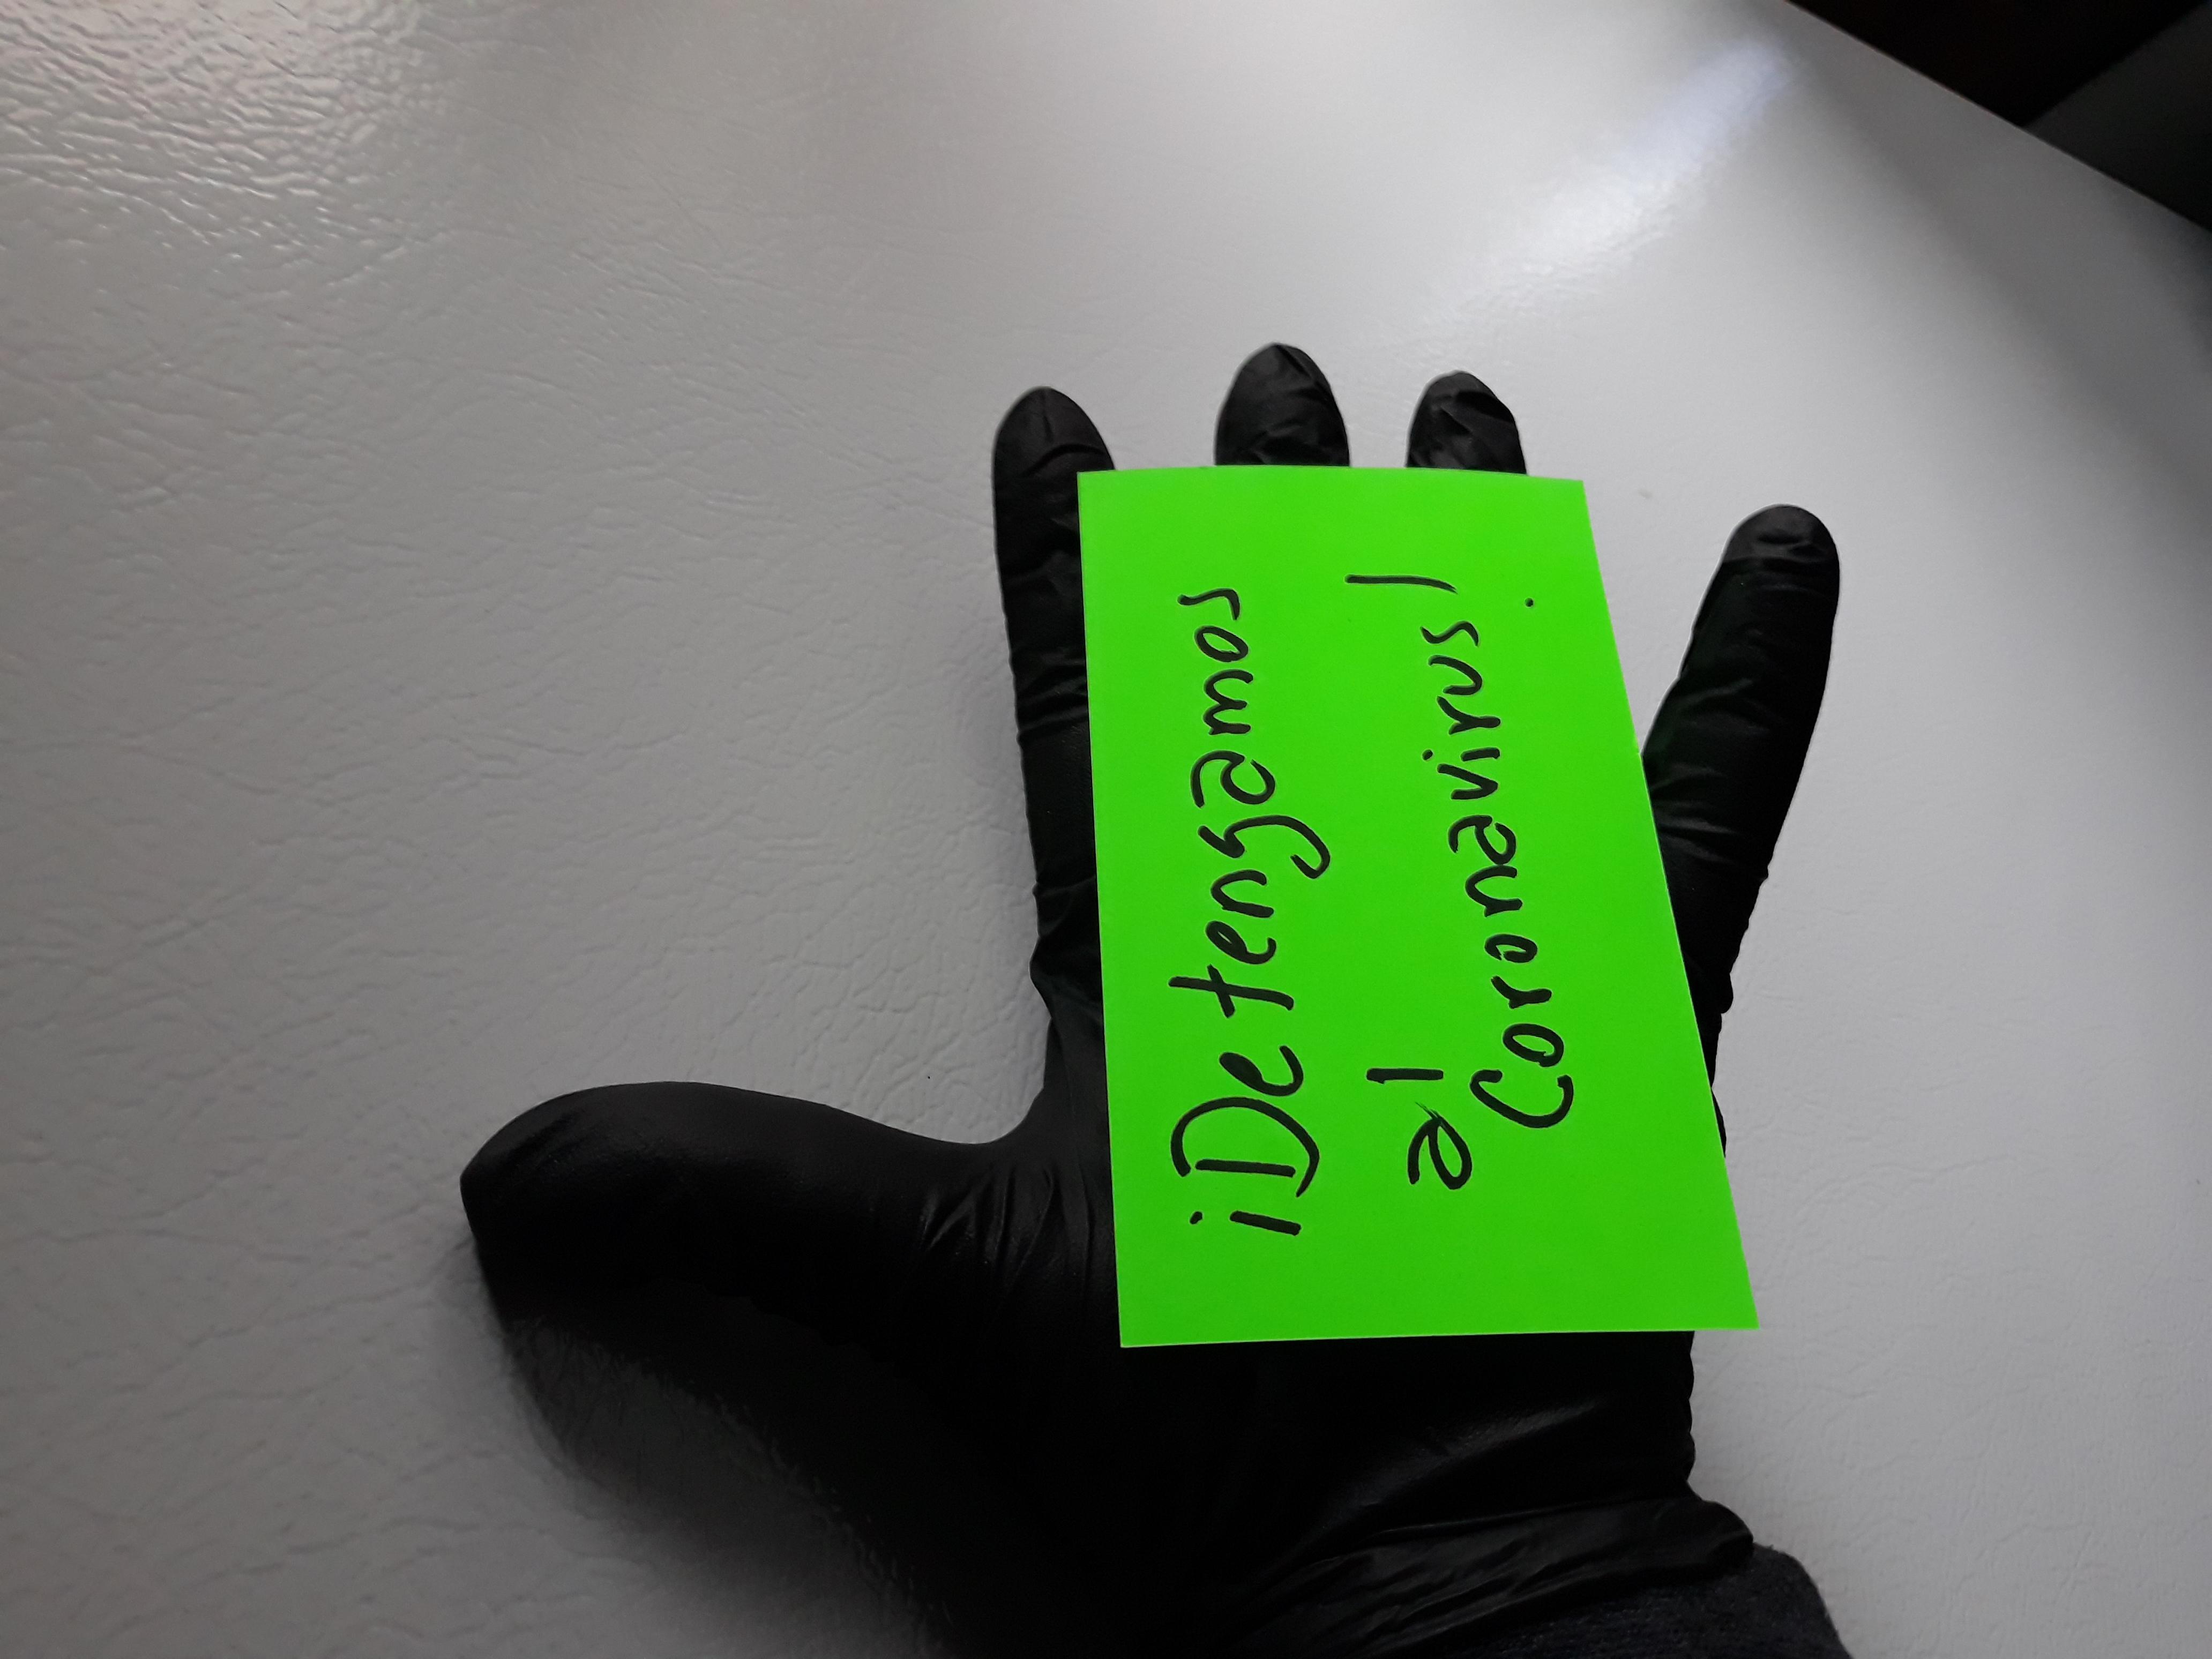 La solidaridad se ha vuelto una herramienta esencial para combatir el coronavirus. Foto: Latinocalifornia.